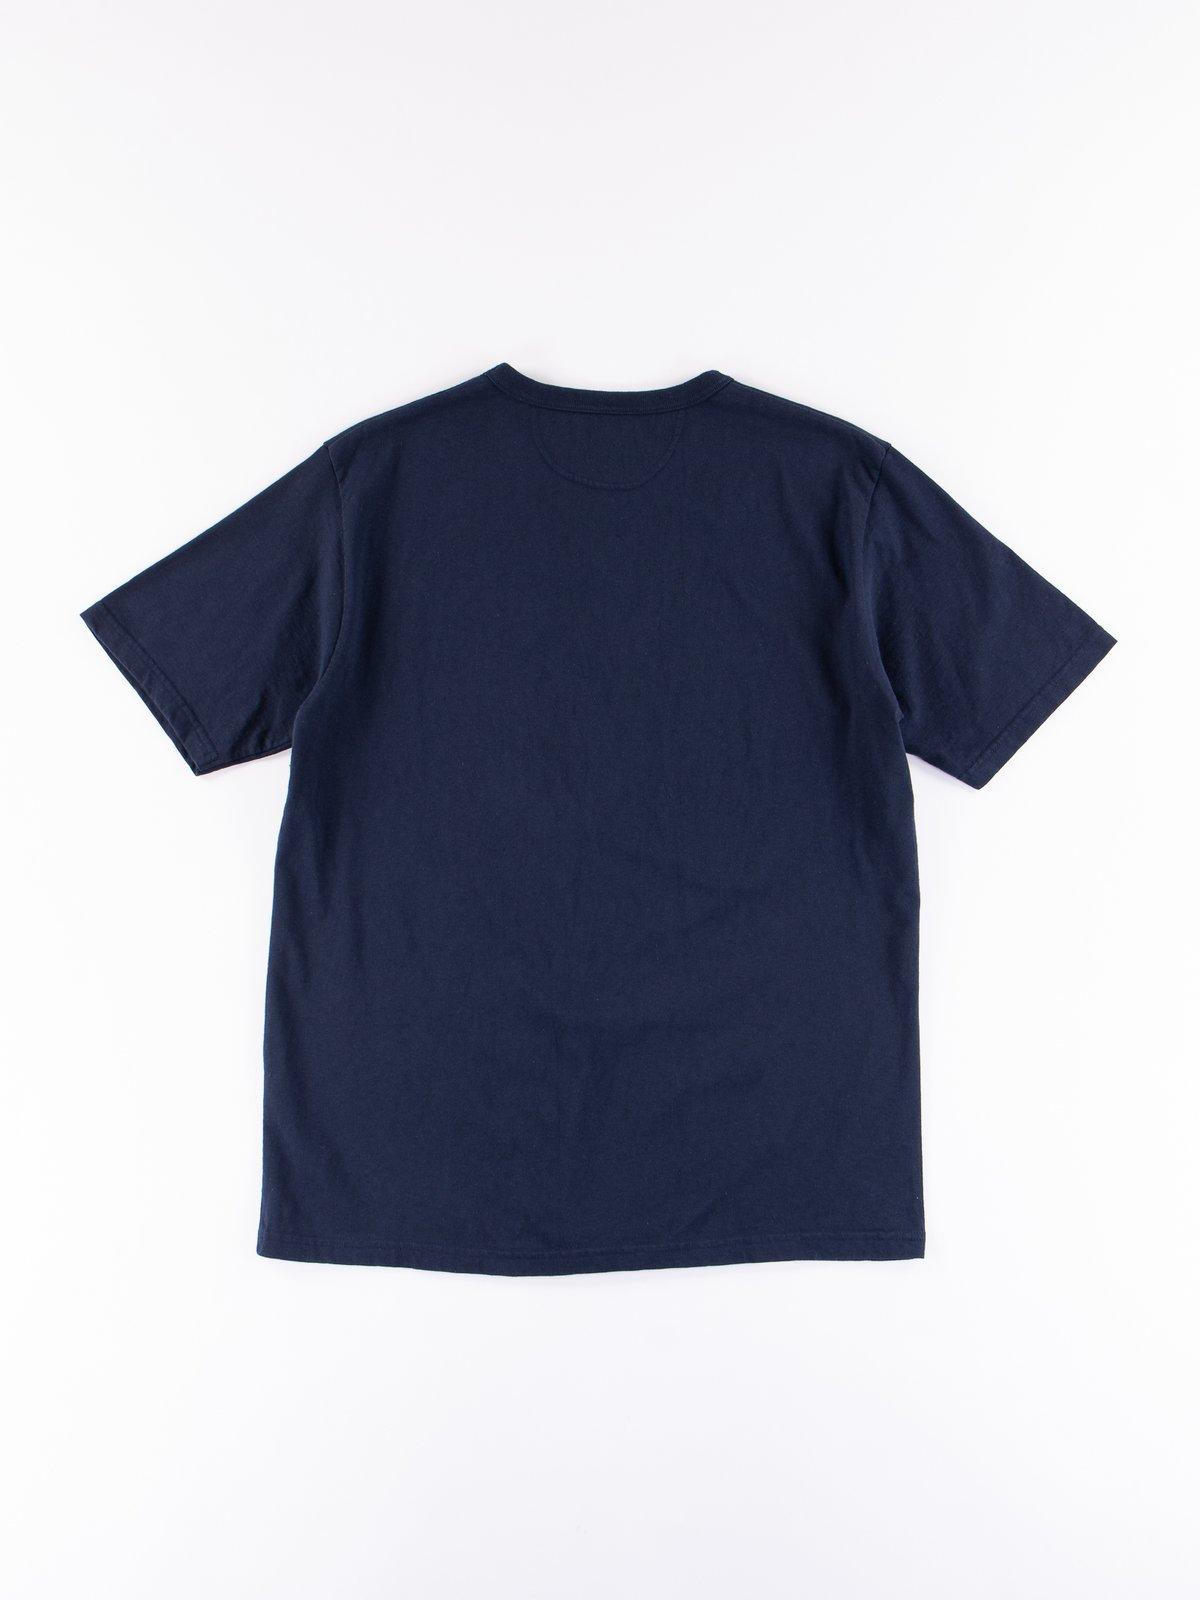 Navy Stripe Cote D'Ivoire Cotton T–Shirt - Image 5